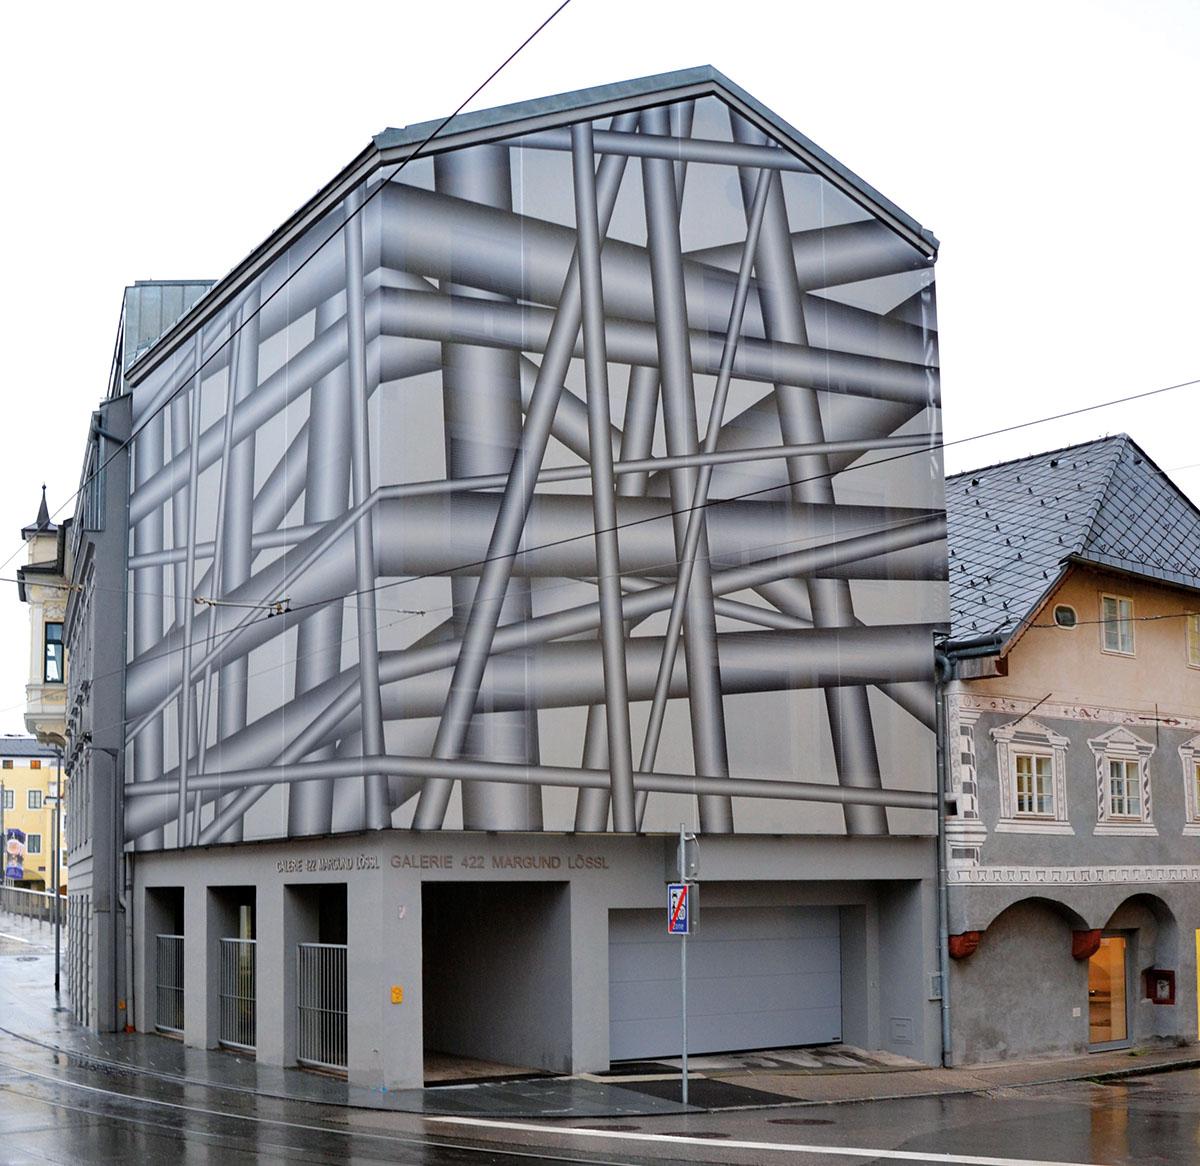 Galerie 422 in Gmunden